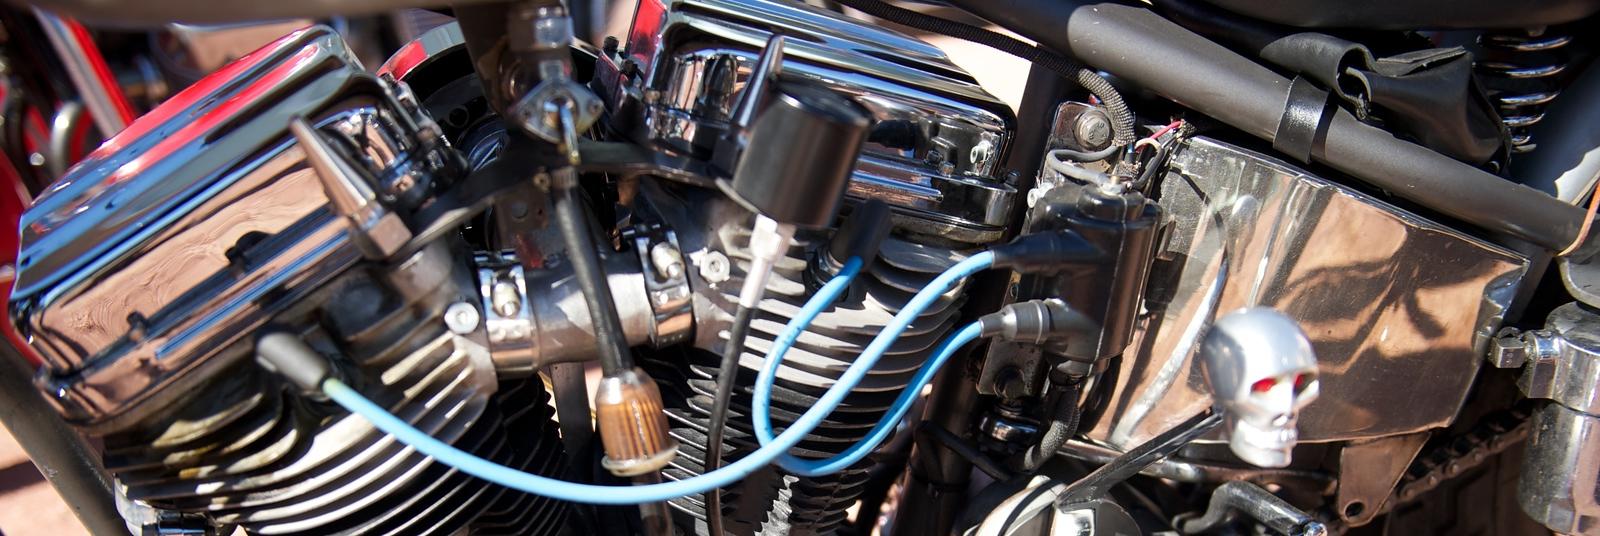 Bike show Lausanne 2010